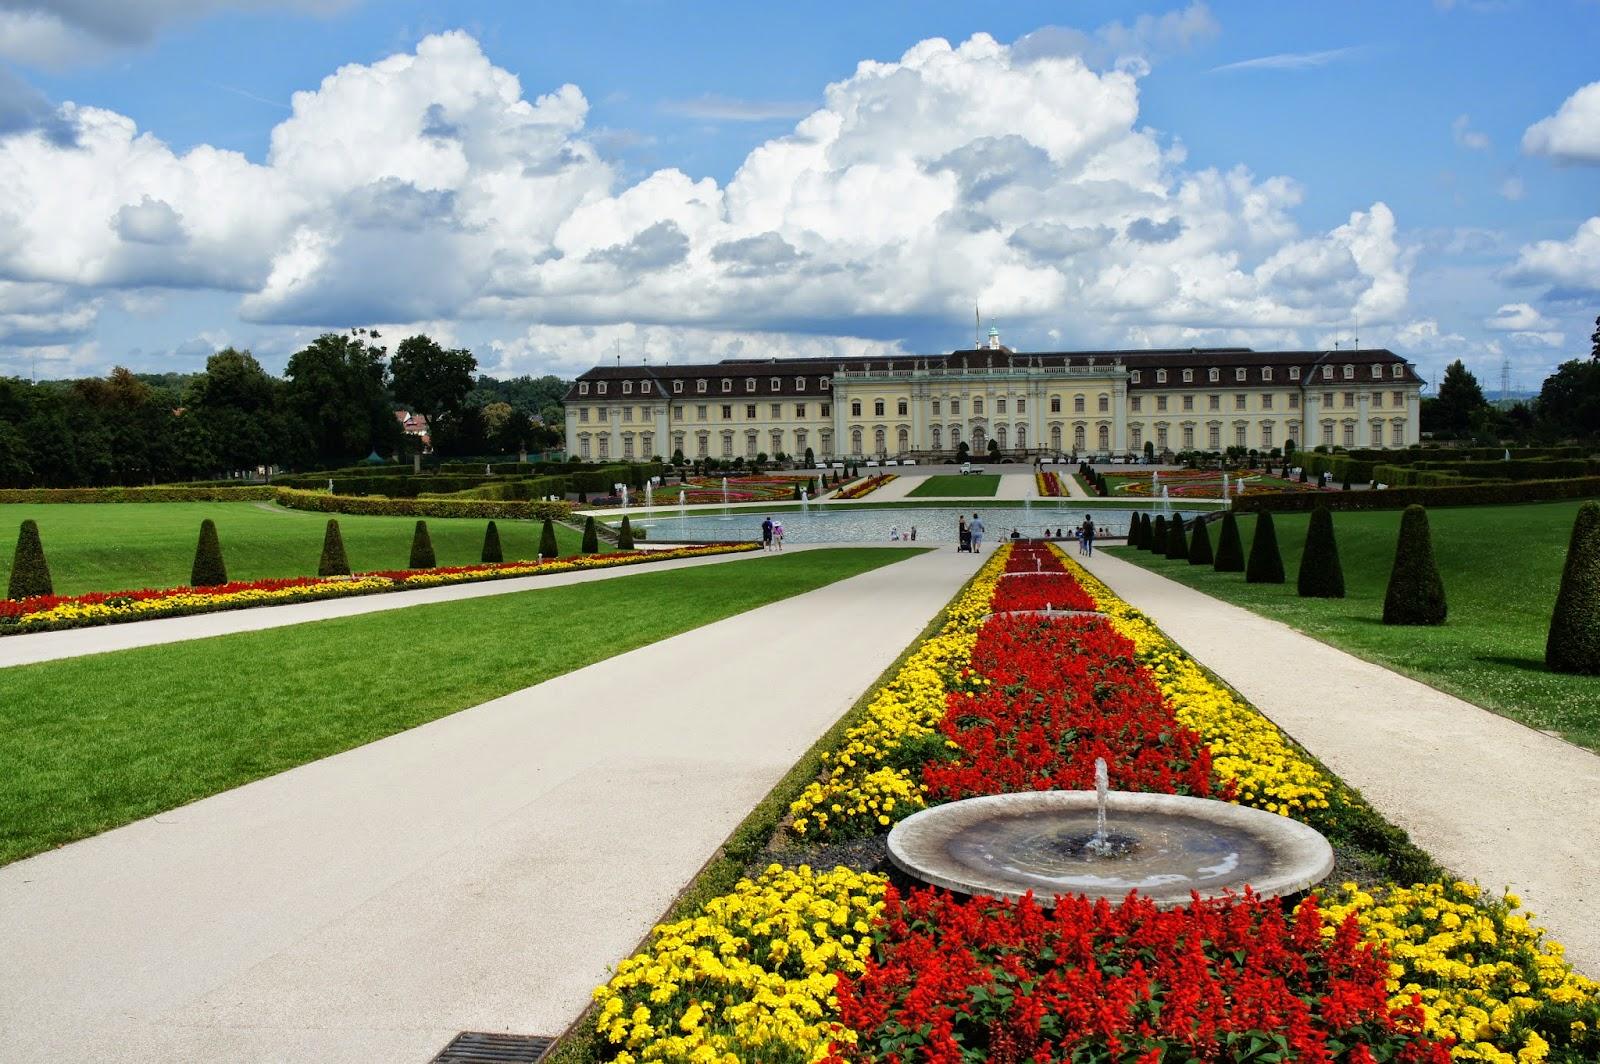 Palacio de Ludwigsburg